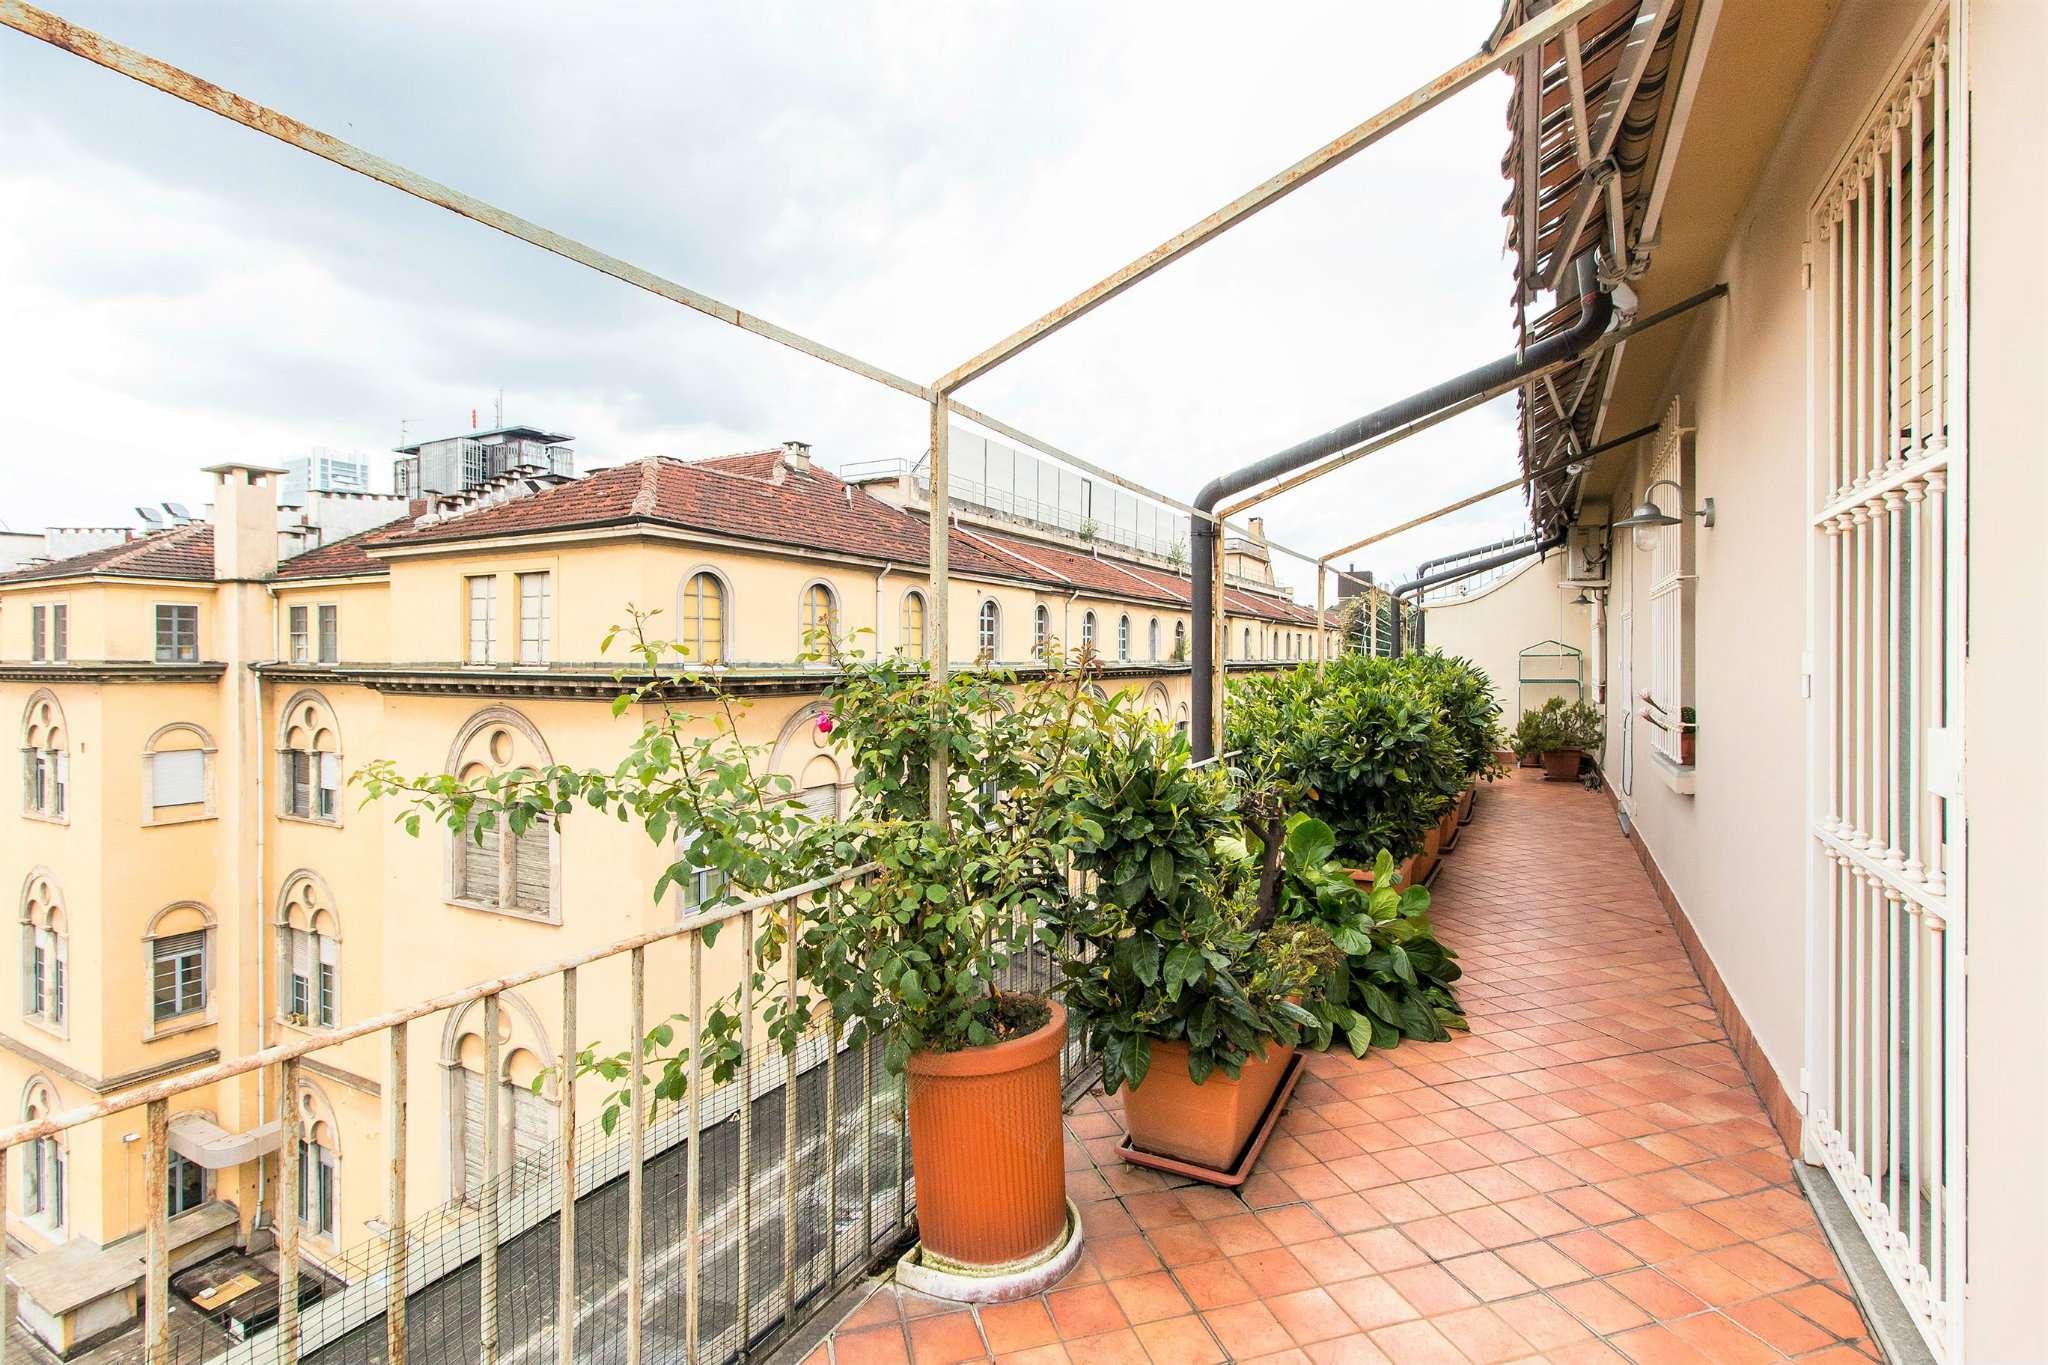 Attico / Mansarda in vendita a Torino, 8 locali, zona Centro, Quadrilatero Romano, Repubblica, Giardini Reali, prezzo € 595.000   PortaleAgenzieImmobiliari.it